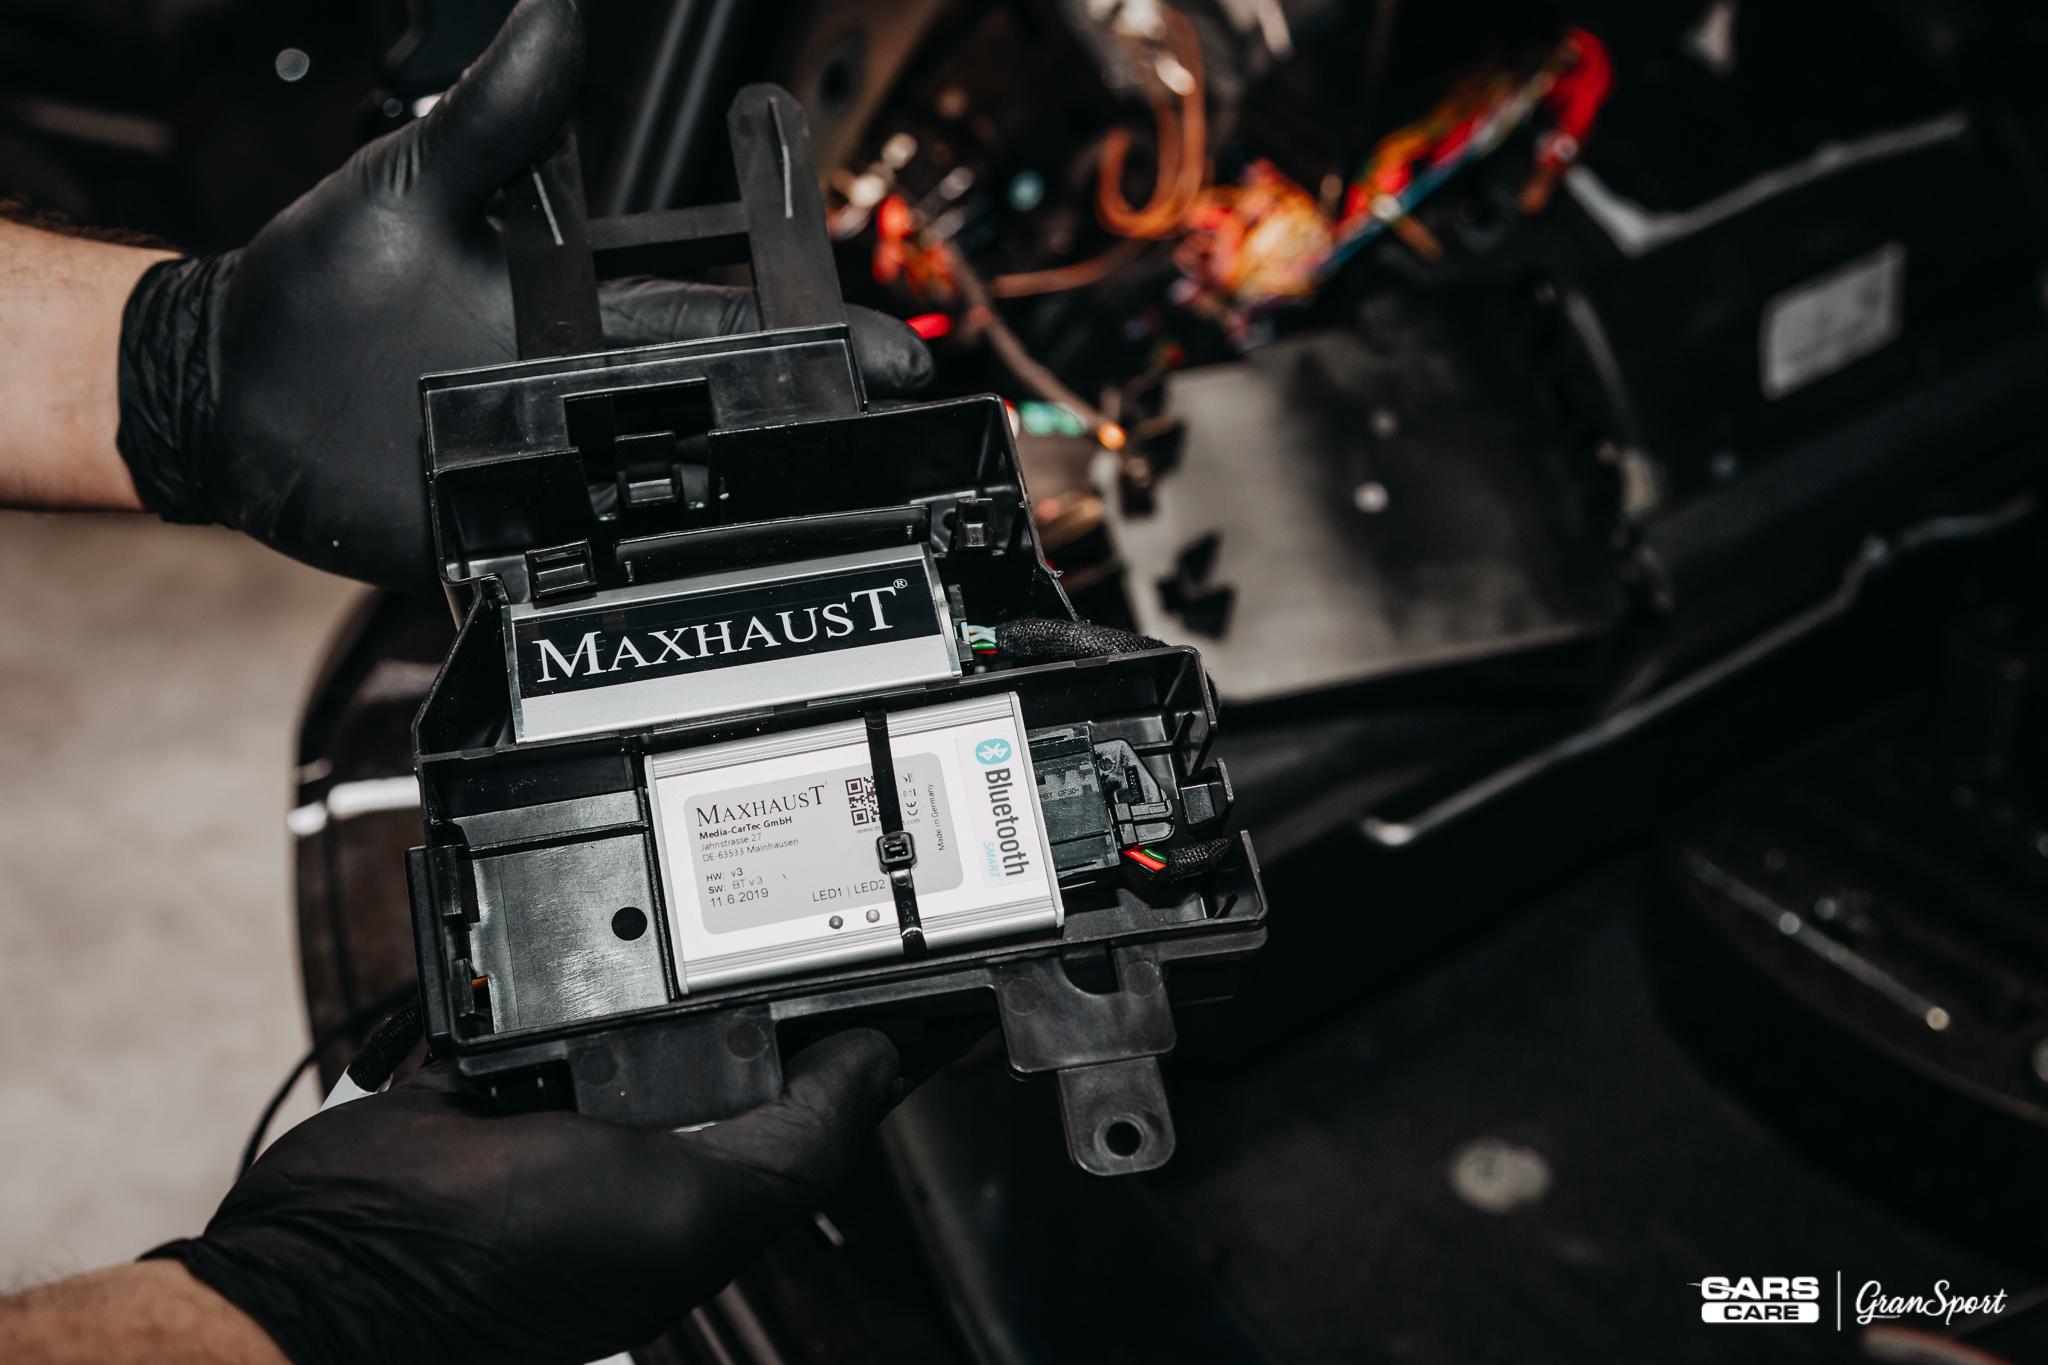 Porsche Cayenne Maxhaust